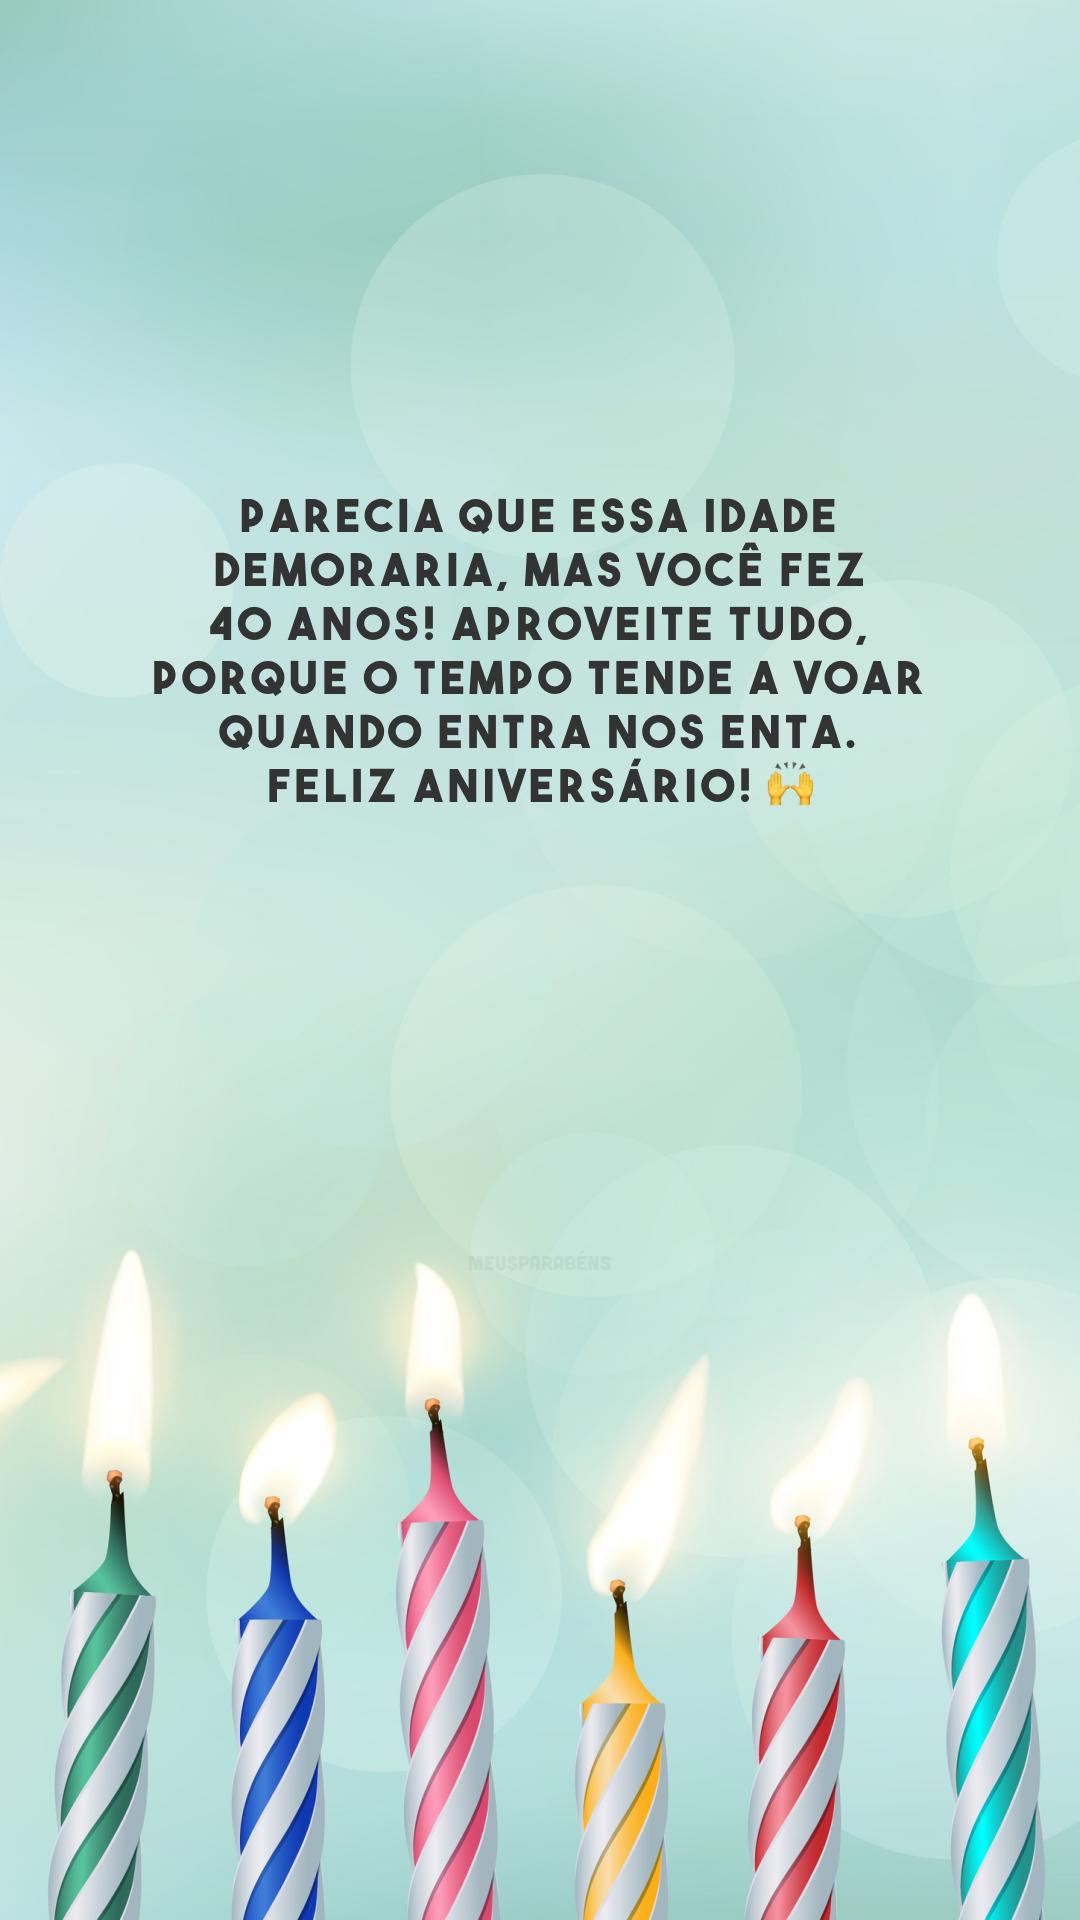 Parecia que essa idade demoraria, mas você fez 40 anos! Aproveite tudo, porque o tempo tende a voar quando entra nos enta. Feliz aniversário! 🙌